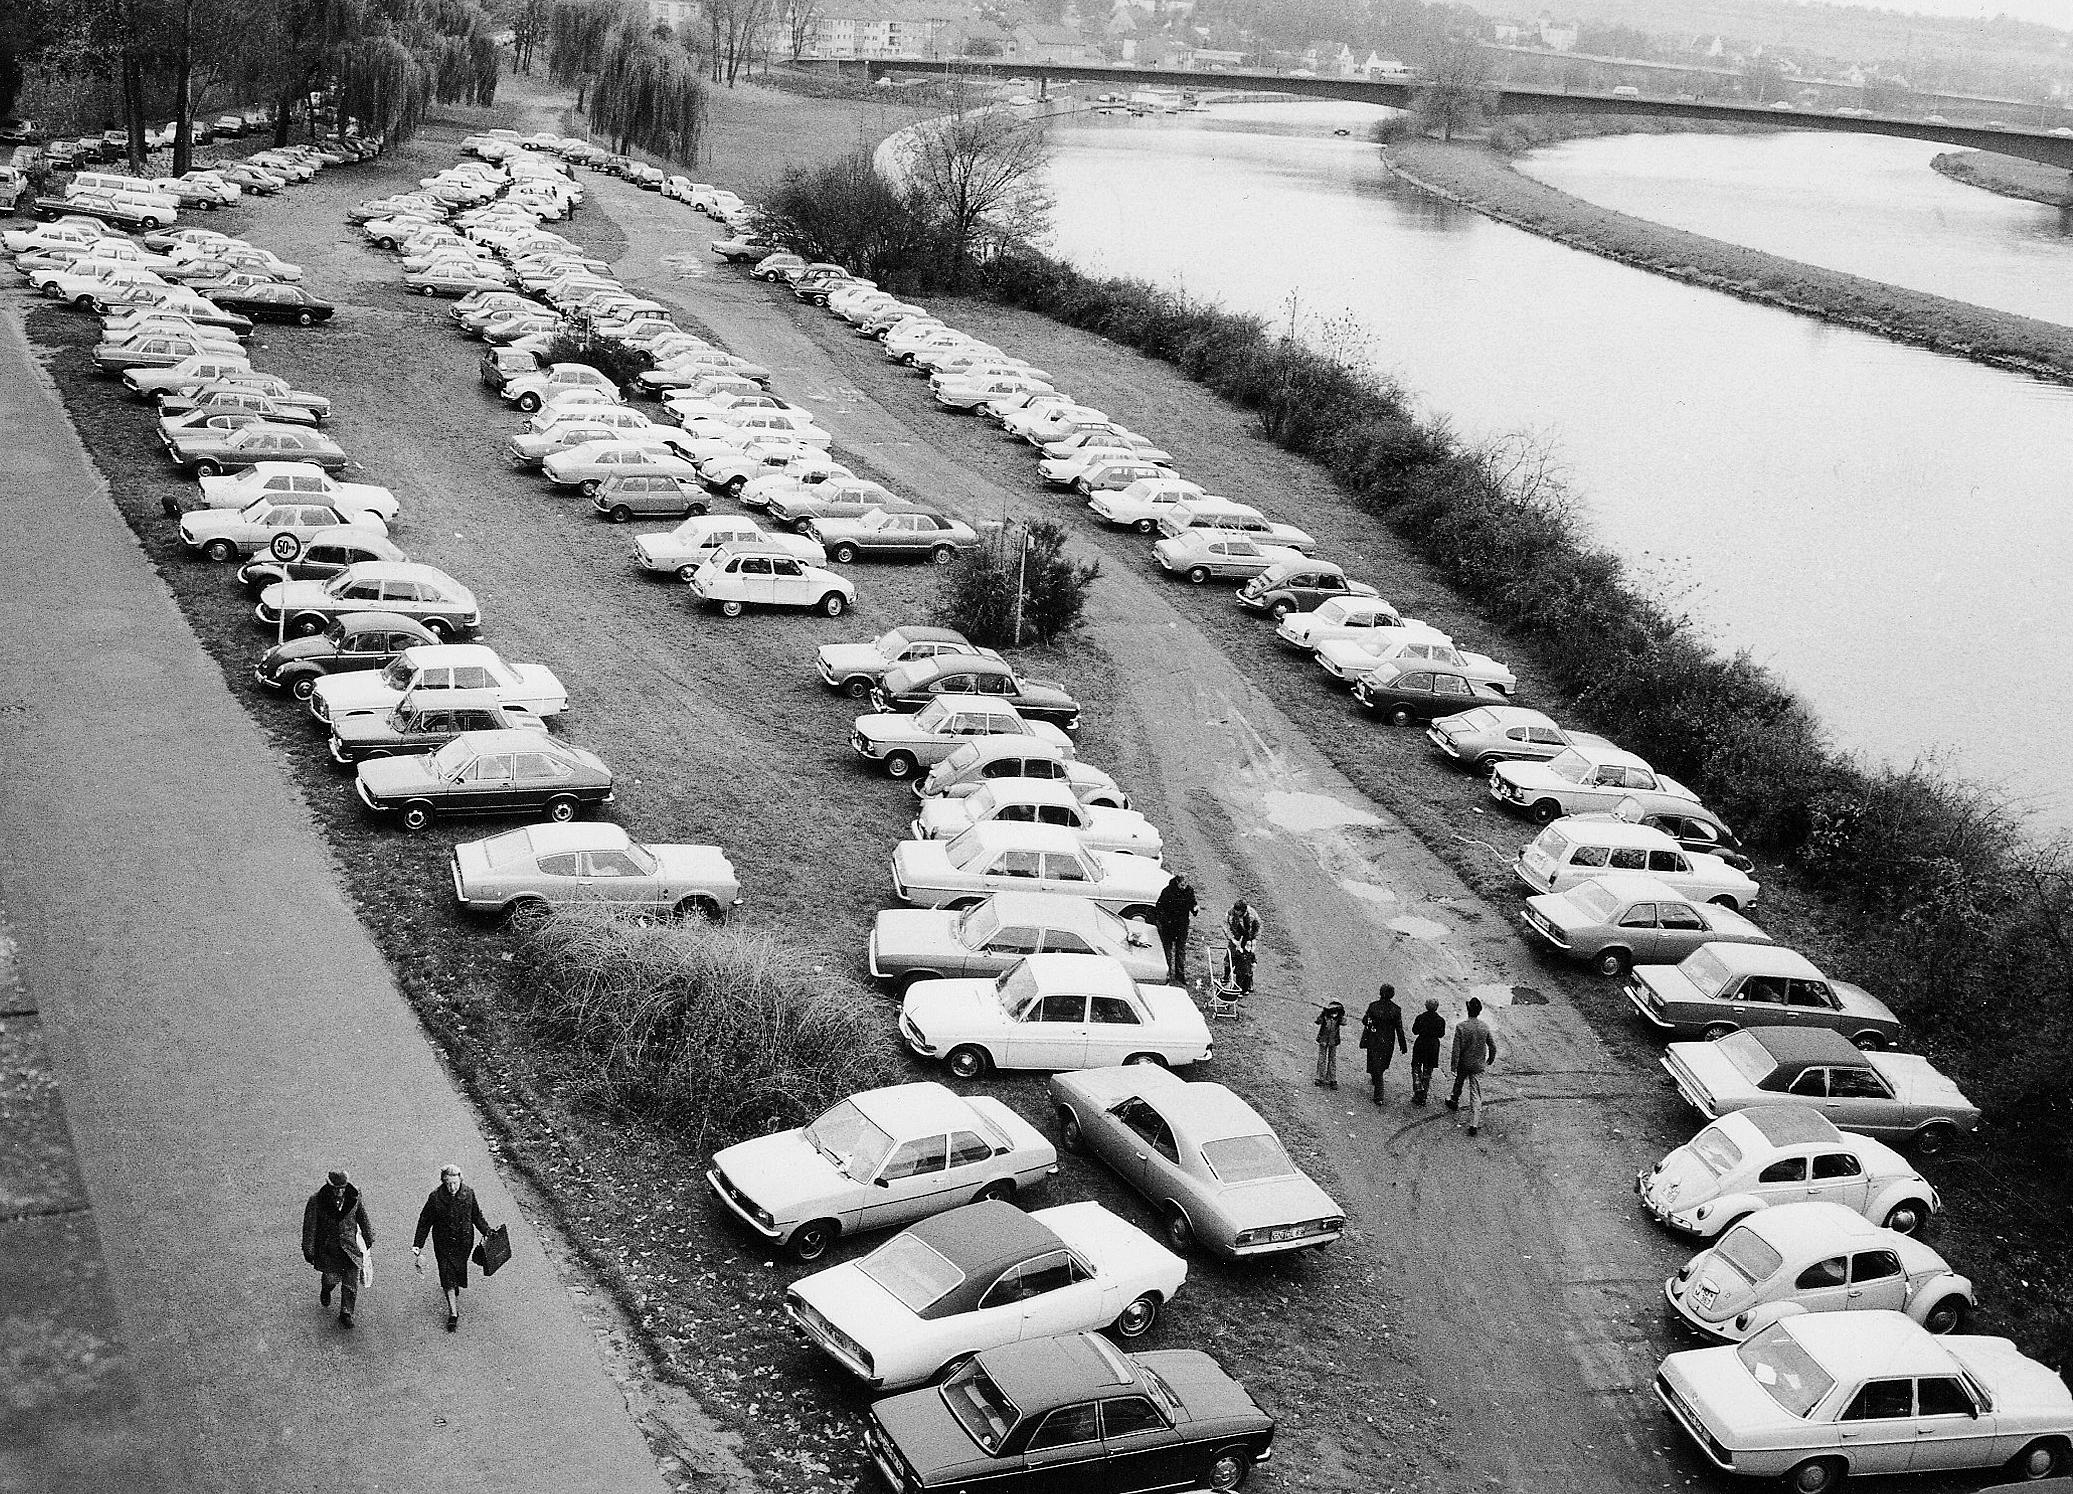 © Fotografie, Karl-Heinz Liebler, 1975. Stadt- und Stiftsarchiv Aschaffenburg, Fotosammlung